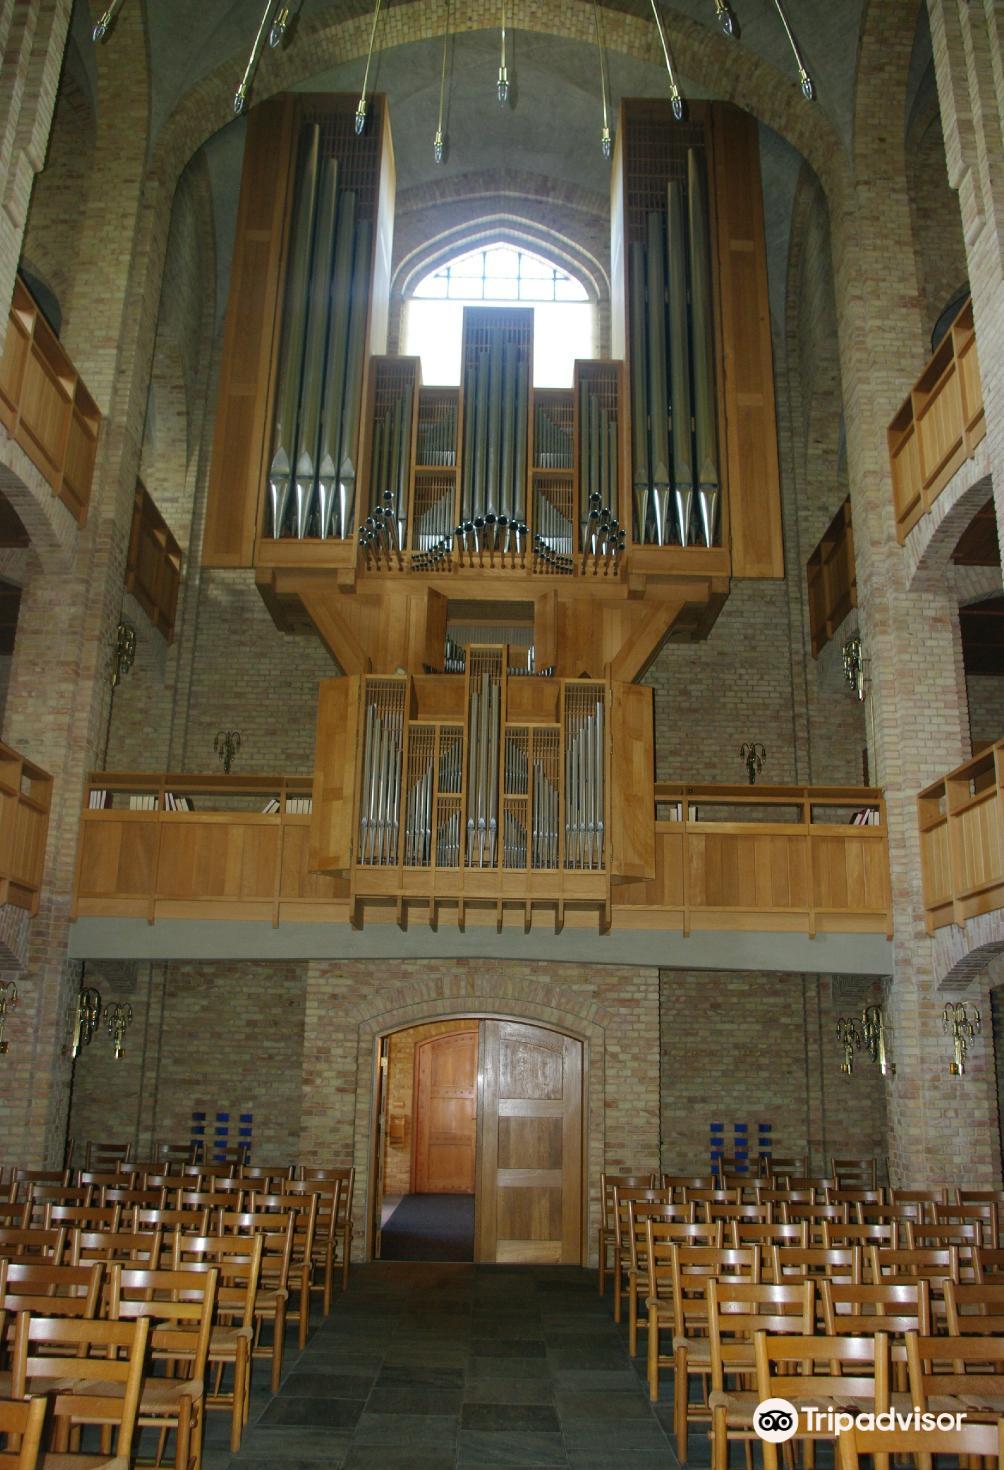 Mariehoj Kirke